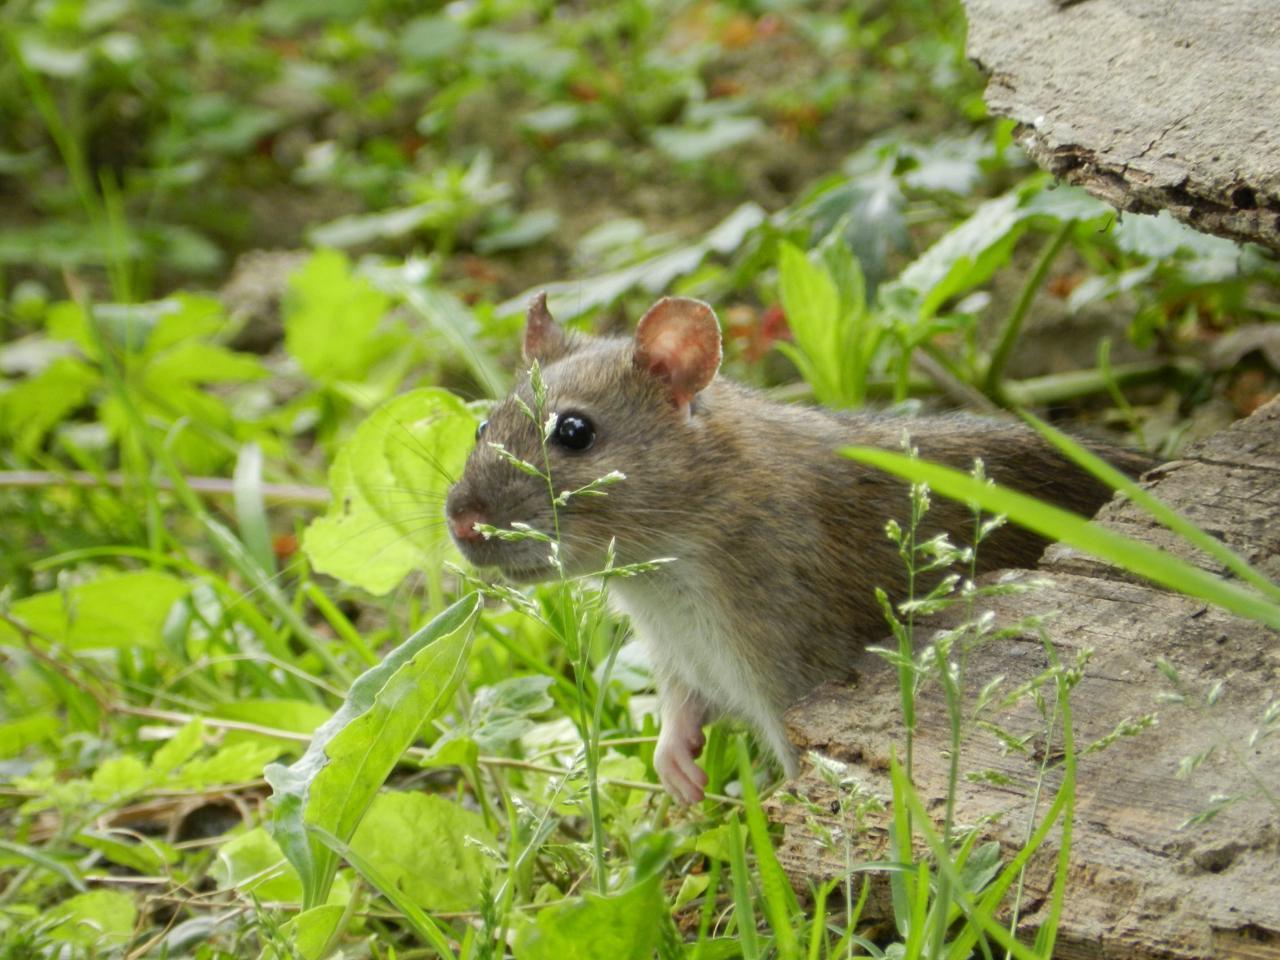 surmulot ou rat des champs